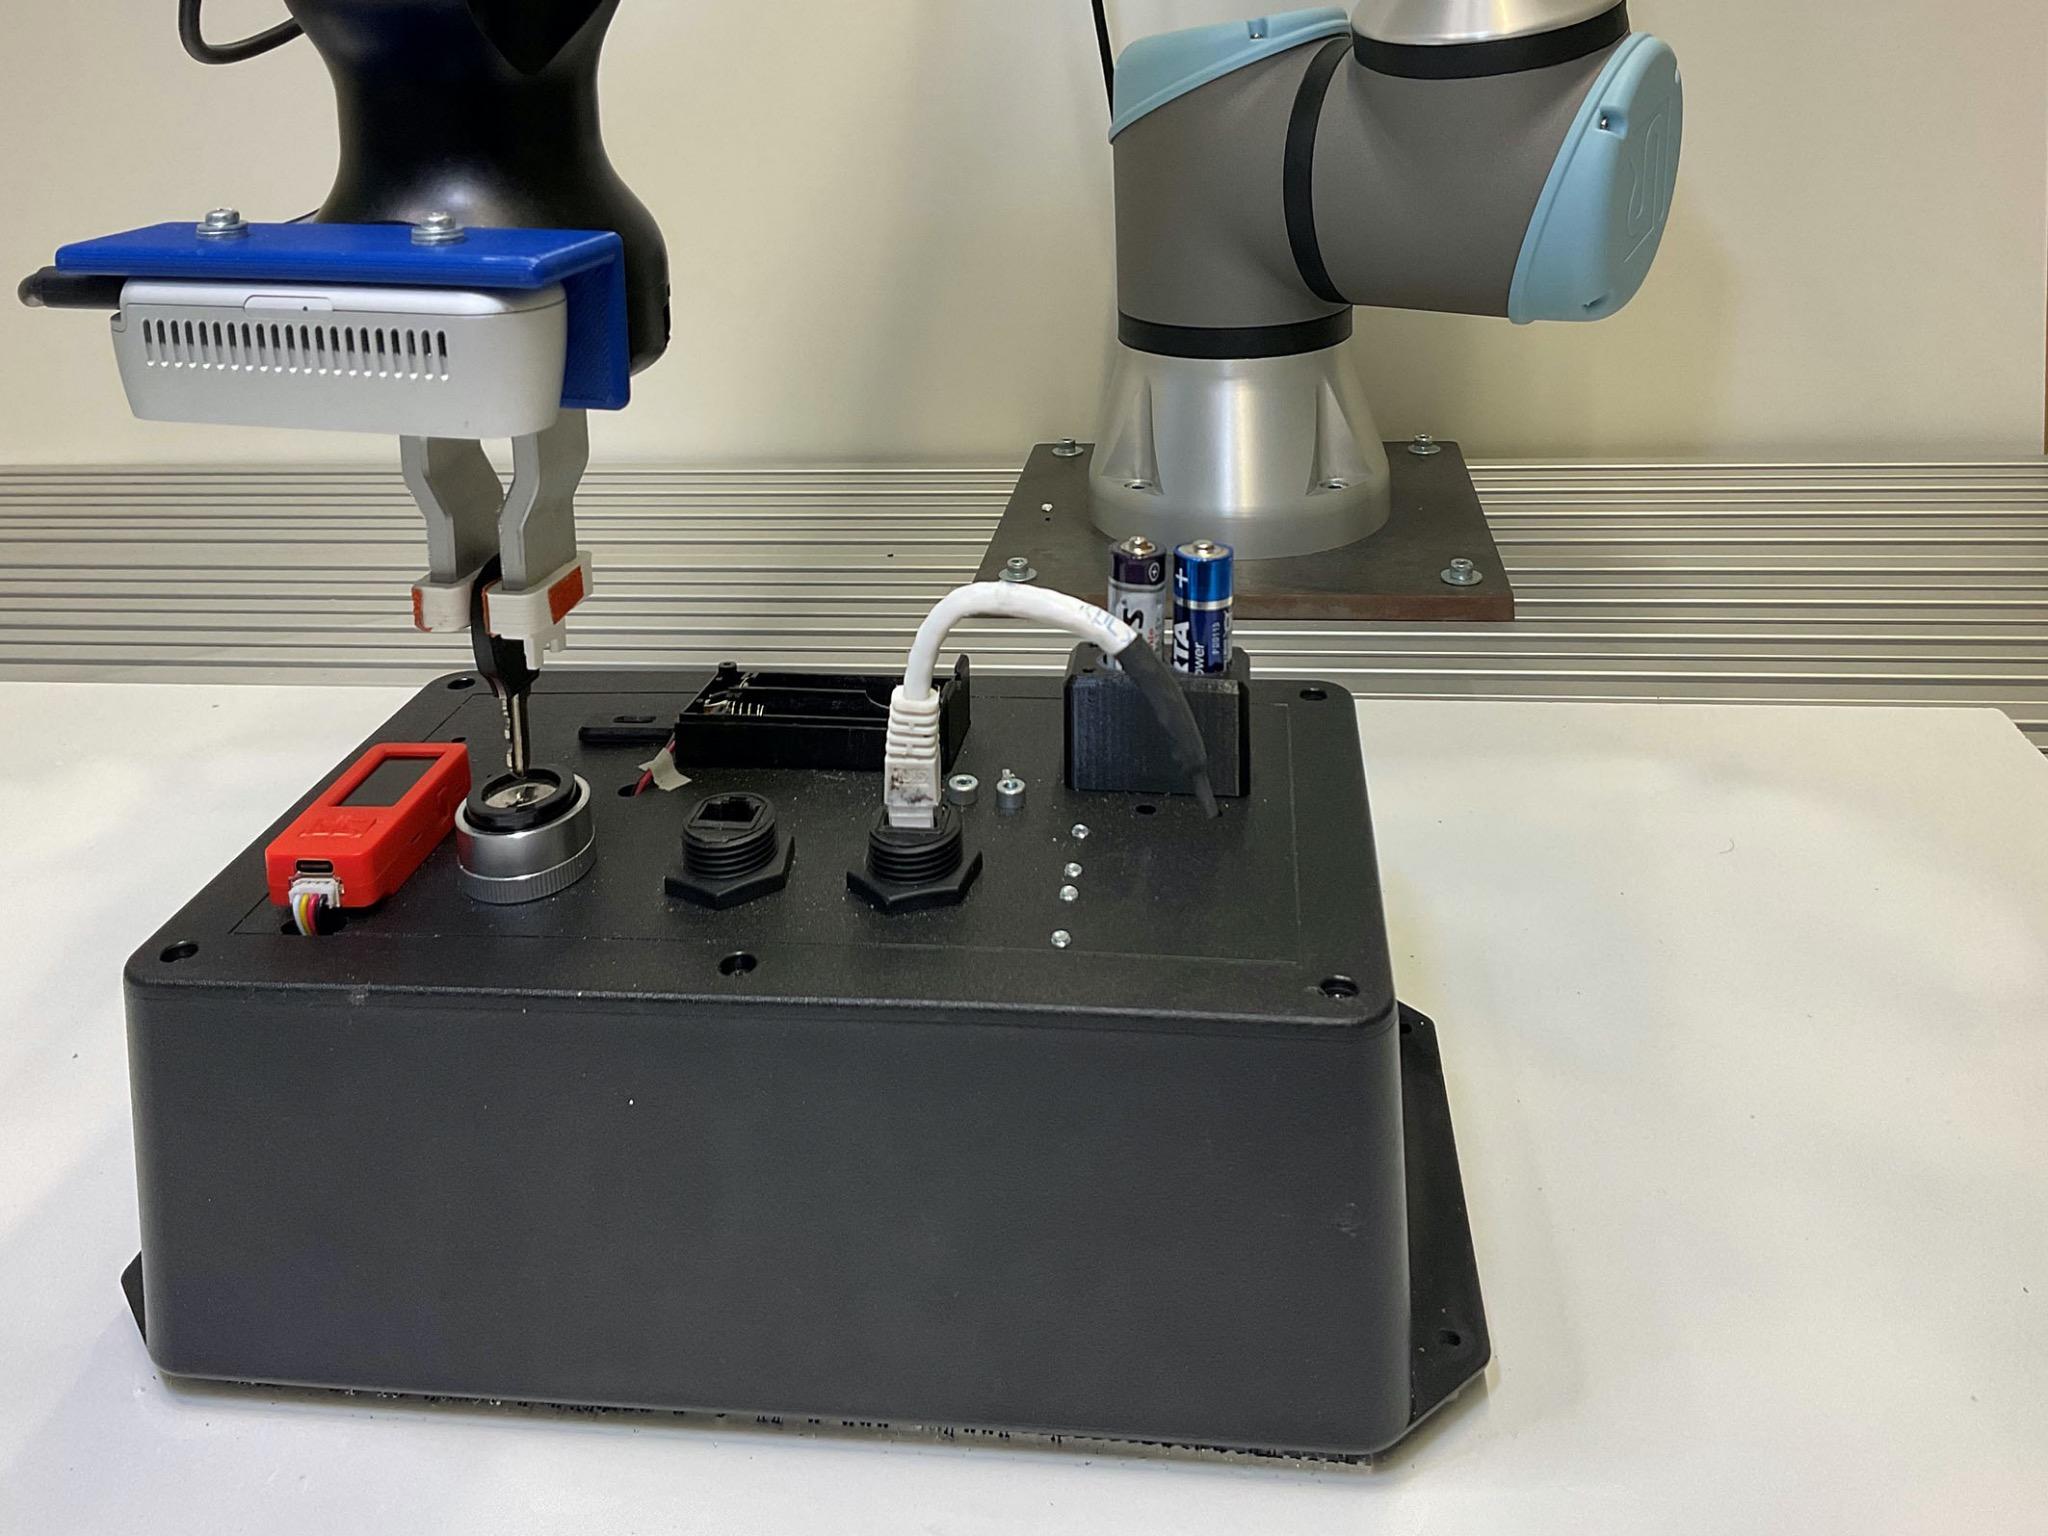 """Der Roboter ist dabei, einen Schlüssel in ein Schloss einzuführen und nutzt dabei seine Feinfühligkeit. Das """"Task Board"""" erkennt die erfolgreiche Durchführung der Aufgaben durch Sensorik und misst gleichzeitig die dafür benötigte Zeit. Foto: Elhasan Mohamed"""